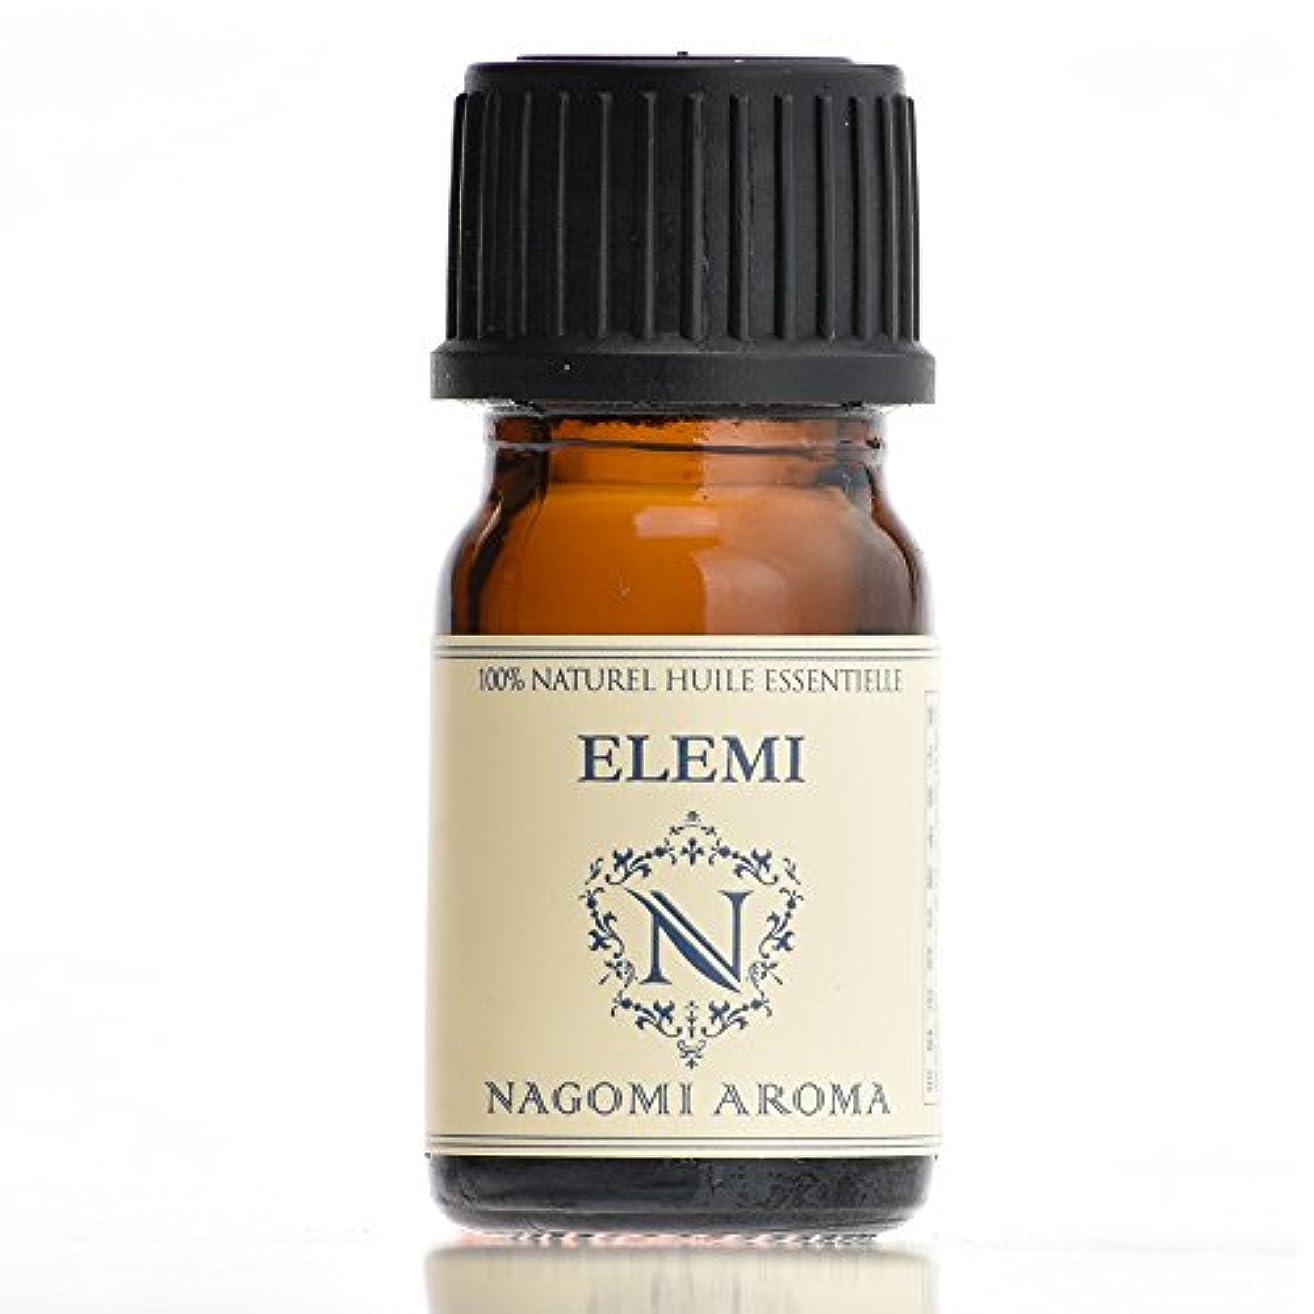 鼻口径有毒な【AEAJ認定表示基準認定精油】NAGOMI PURE エレミ 5ml 【エッセンシャルオイル】【精油】【アロマオイル】|CONVOILs